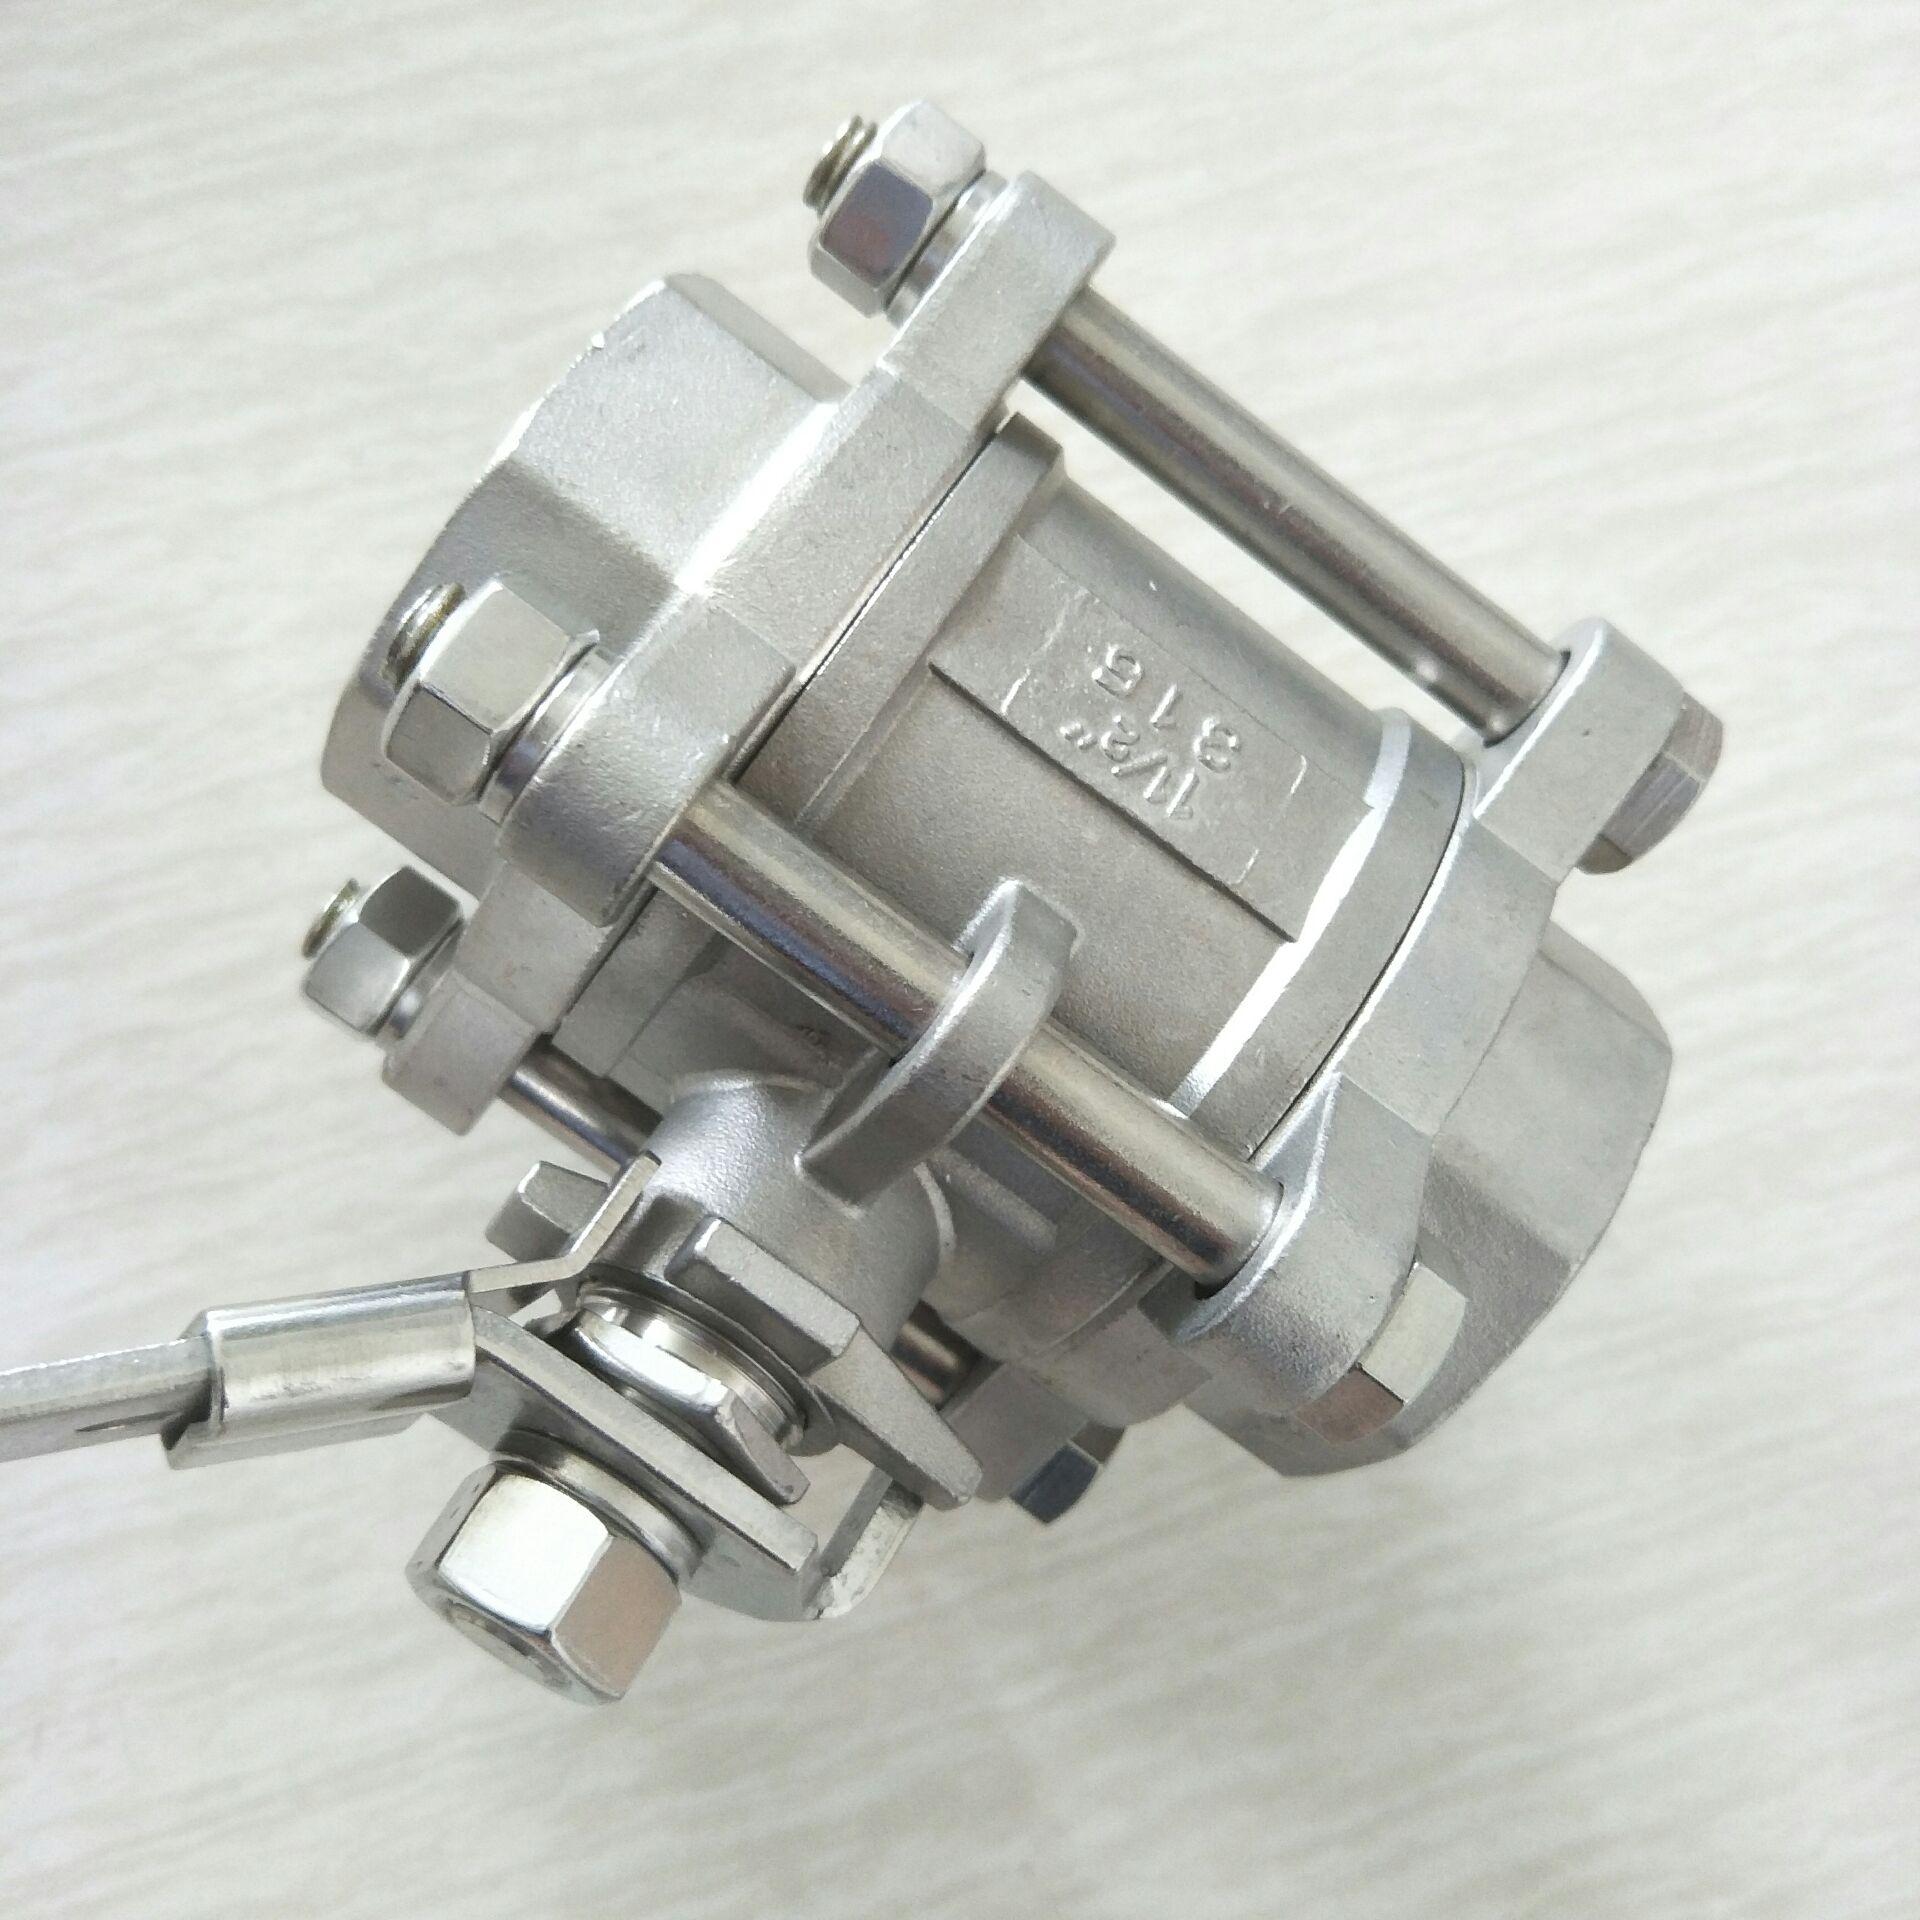 不锈钢三片式球阀 DN40 3PC球阀11/2寸810955102